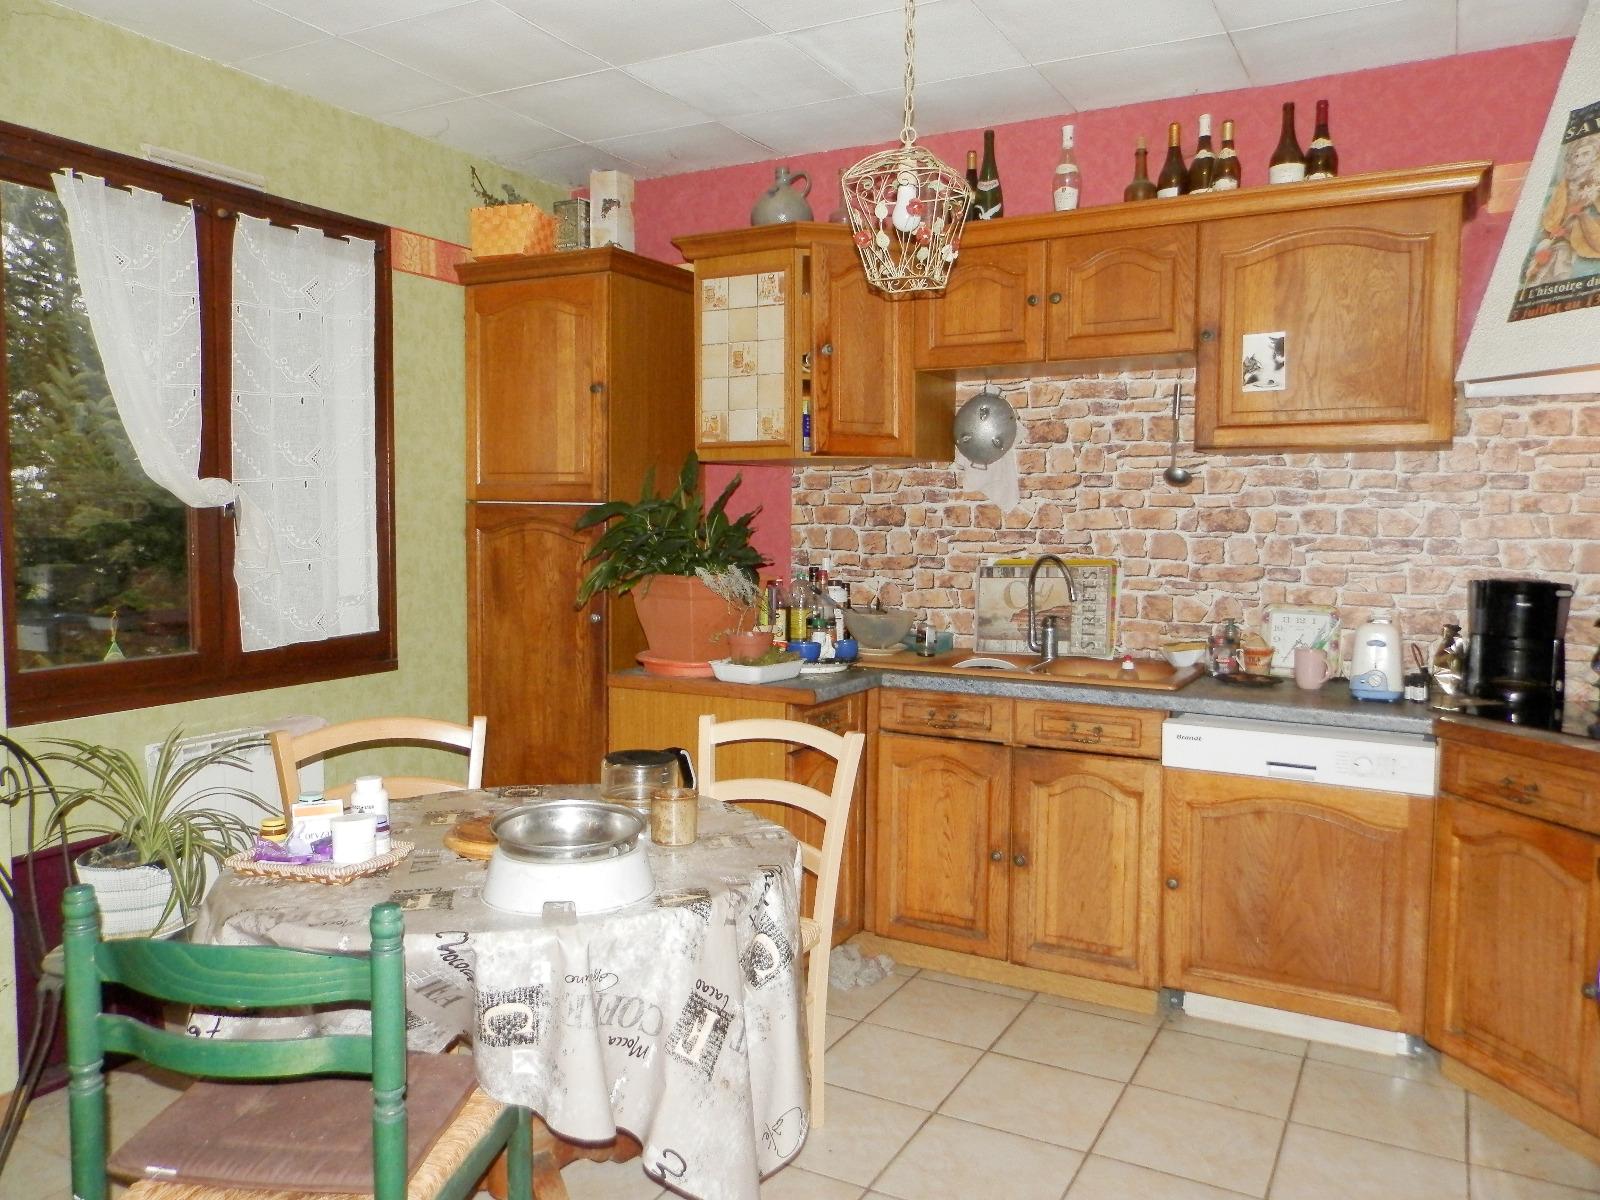 Vente Proche Lons Le Saunier 39 Maison 106 M 178 Trois